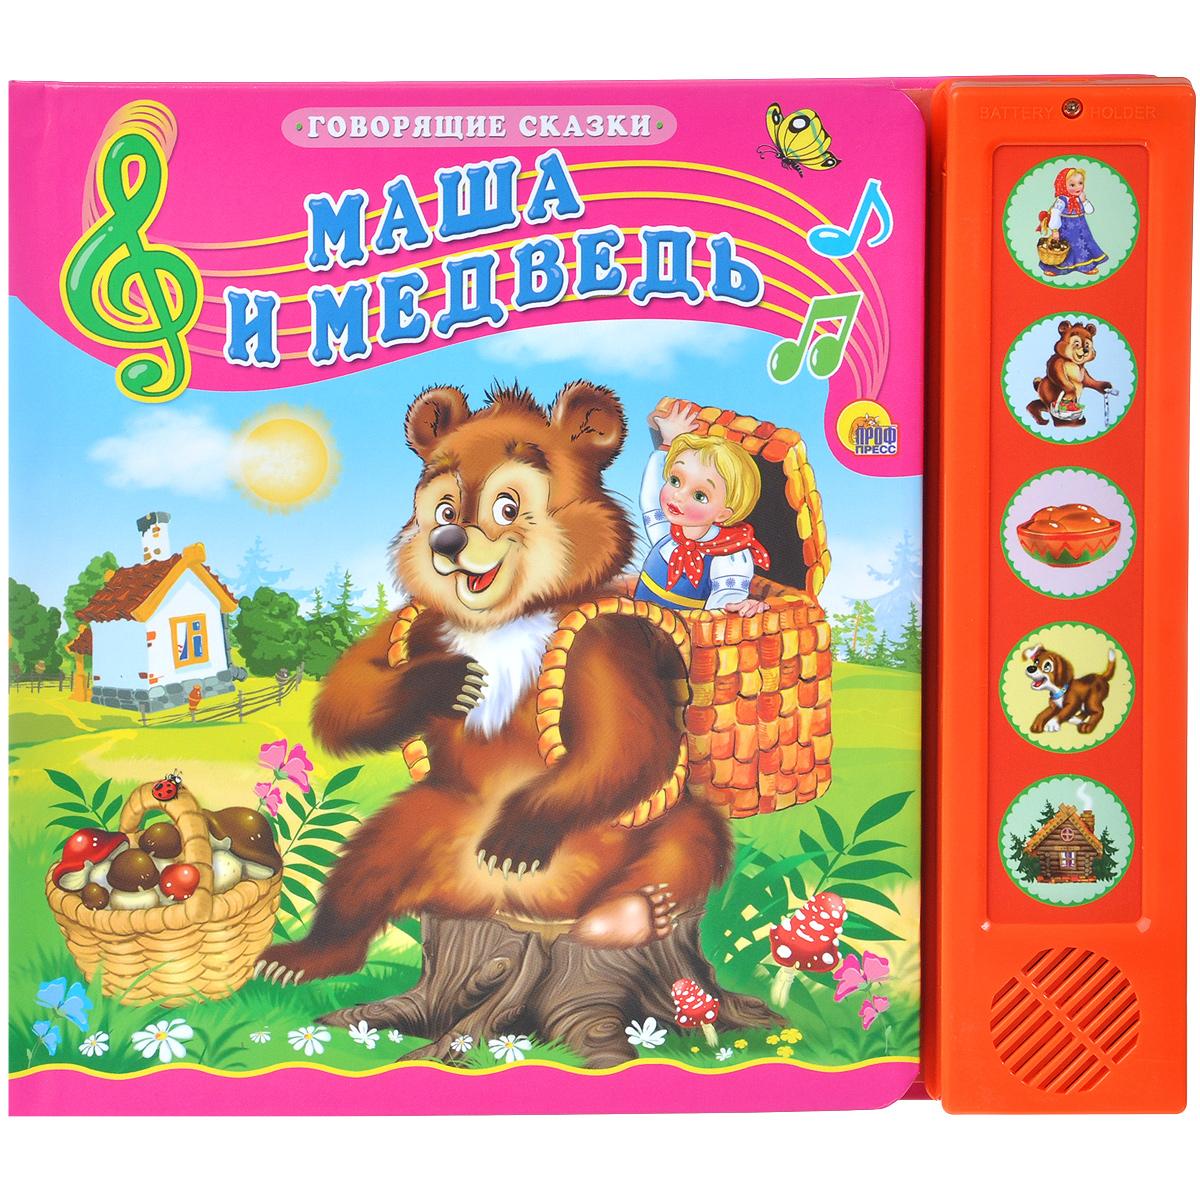 Маша и медведь. Книжка-игрушка валерий кузьминов маша и медведь с картинками сказка нашего времени